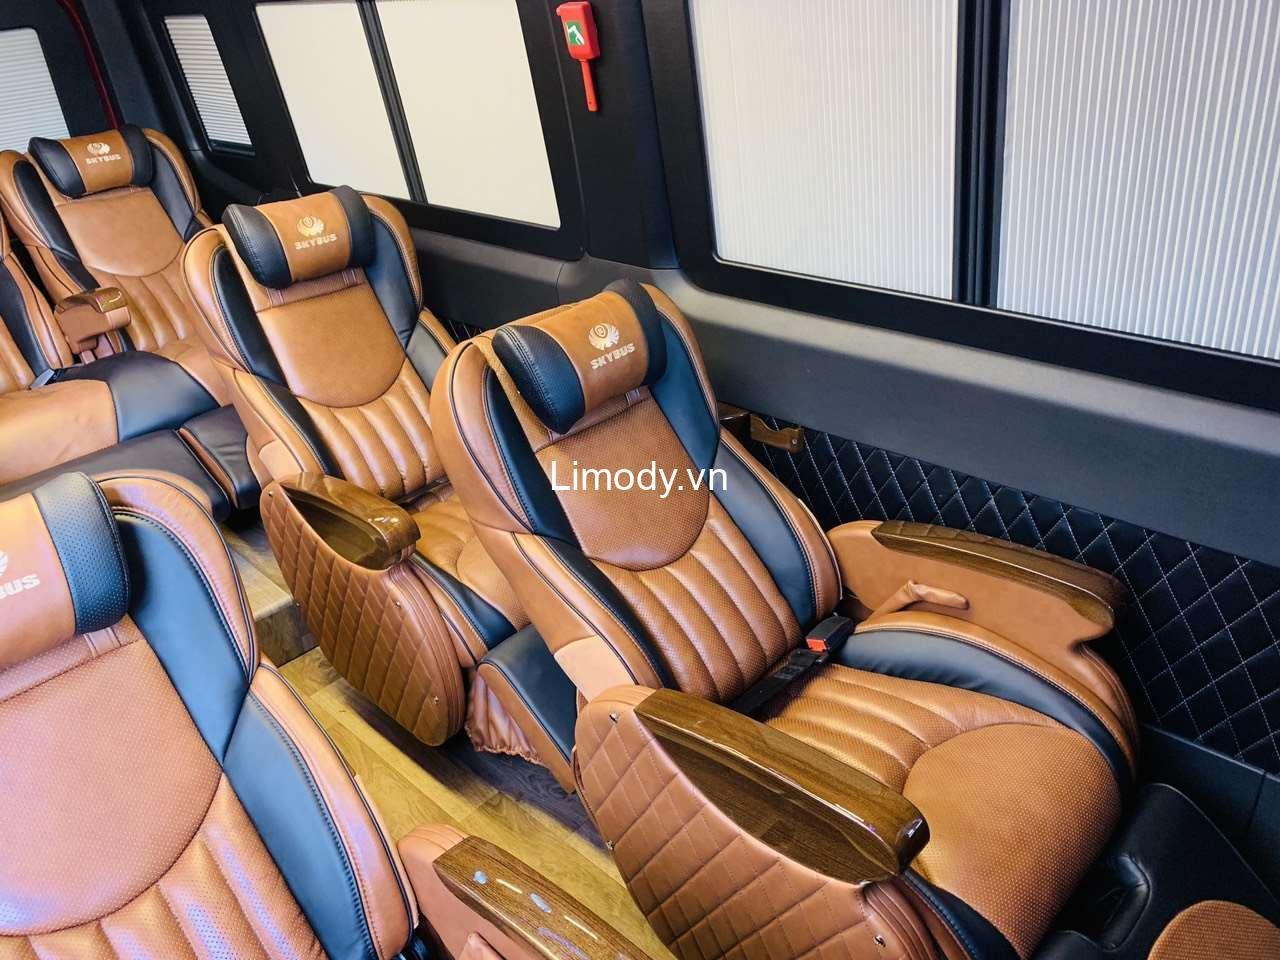 Top 31 Xe limousine đi Đà Lạt giường nằm giá rẻ chất lượng cao nhất